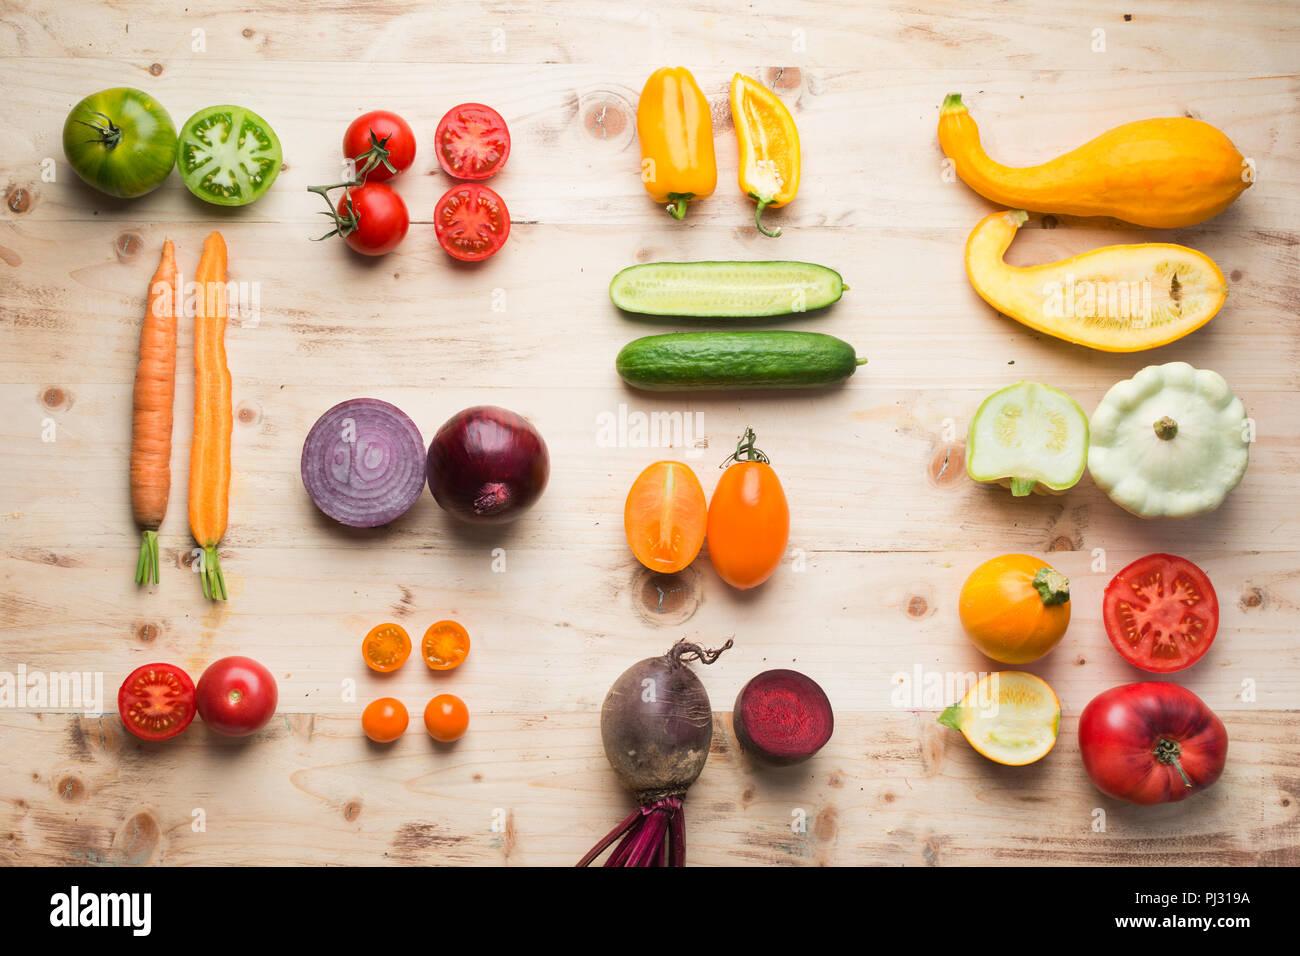 Une cuisine créative dans une grille de fond, assortiment de légumes bio coloré ensemble et couper la partie en bois sur table en pin, vertical, vue de dessus, selective focus Photo Stock